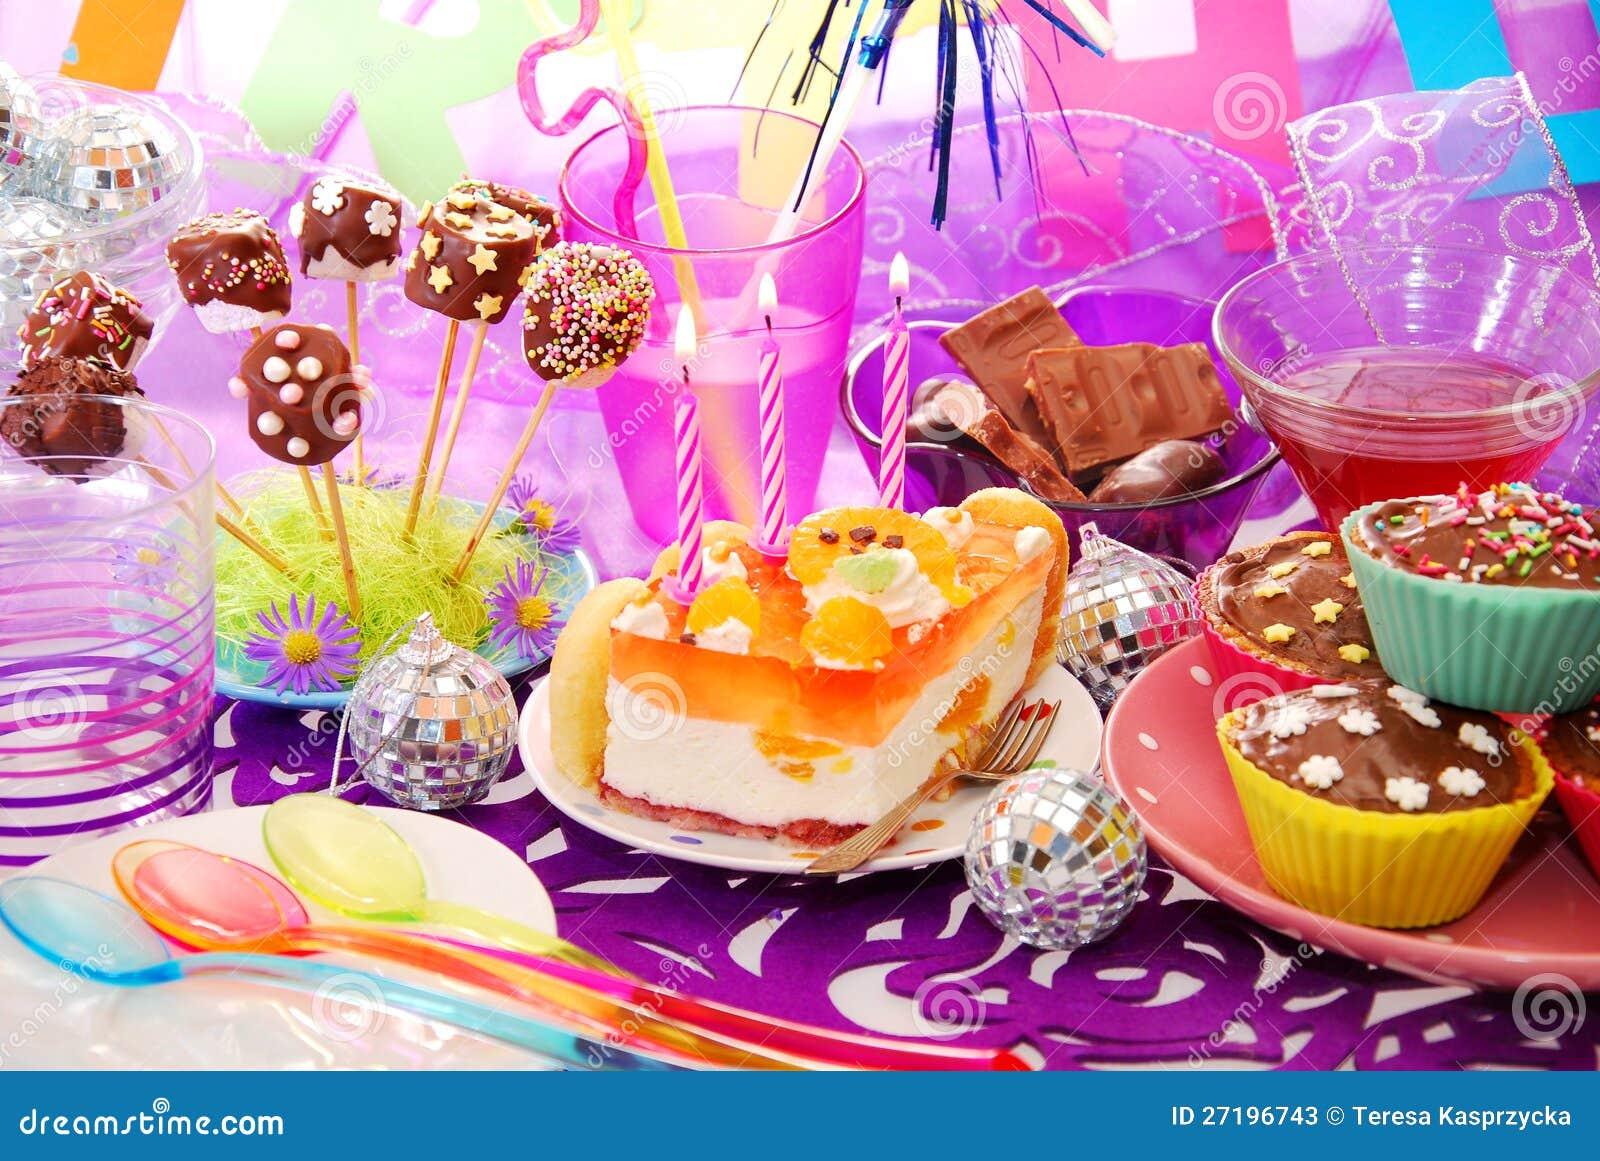 table de f te d 39 anniversaire avec des bonbons pour l 39 enfant photos stock image 27196743. Black Bedroom Furniture Sets. Home Design Ideas